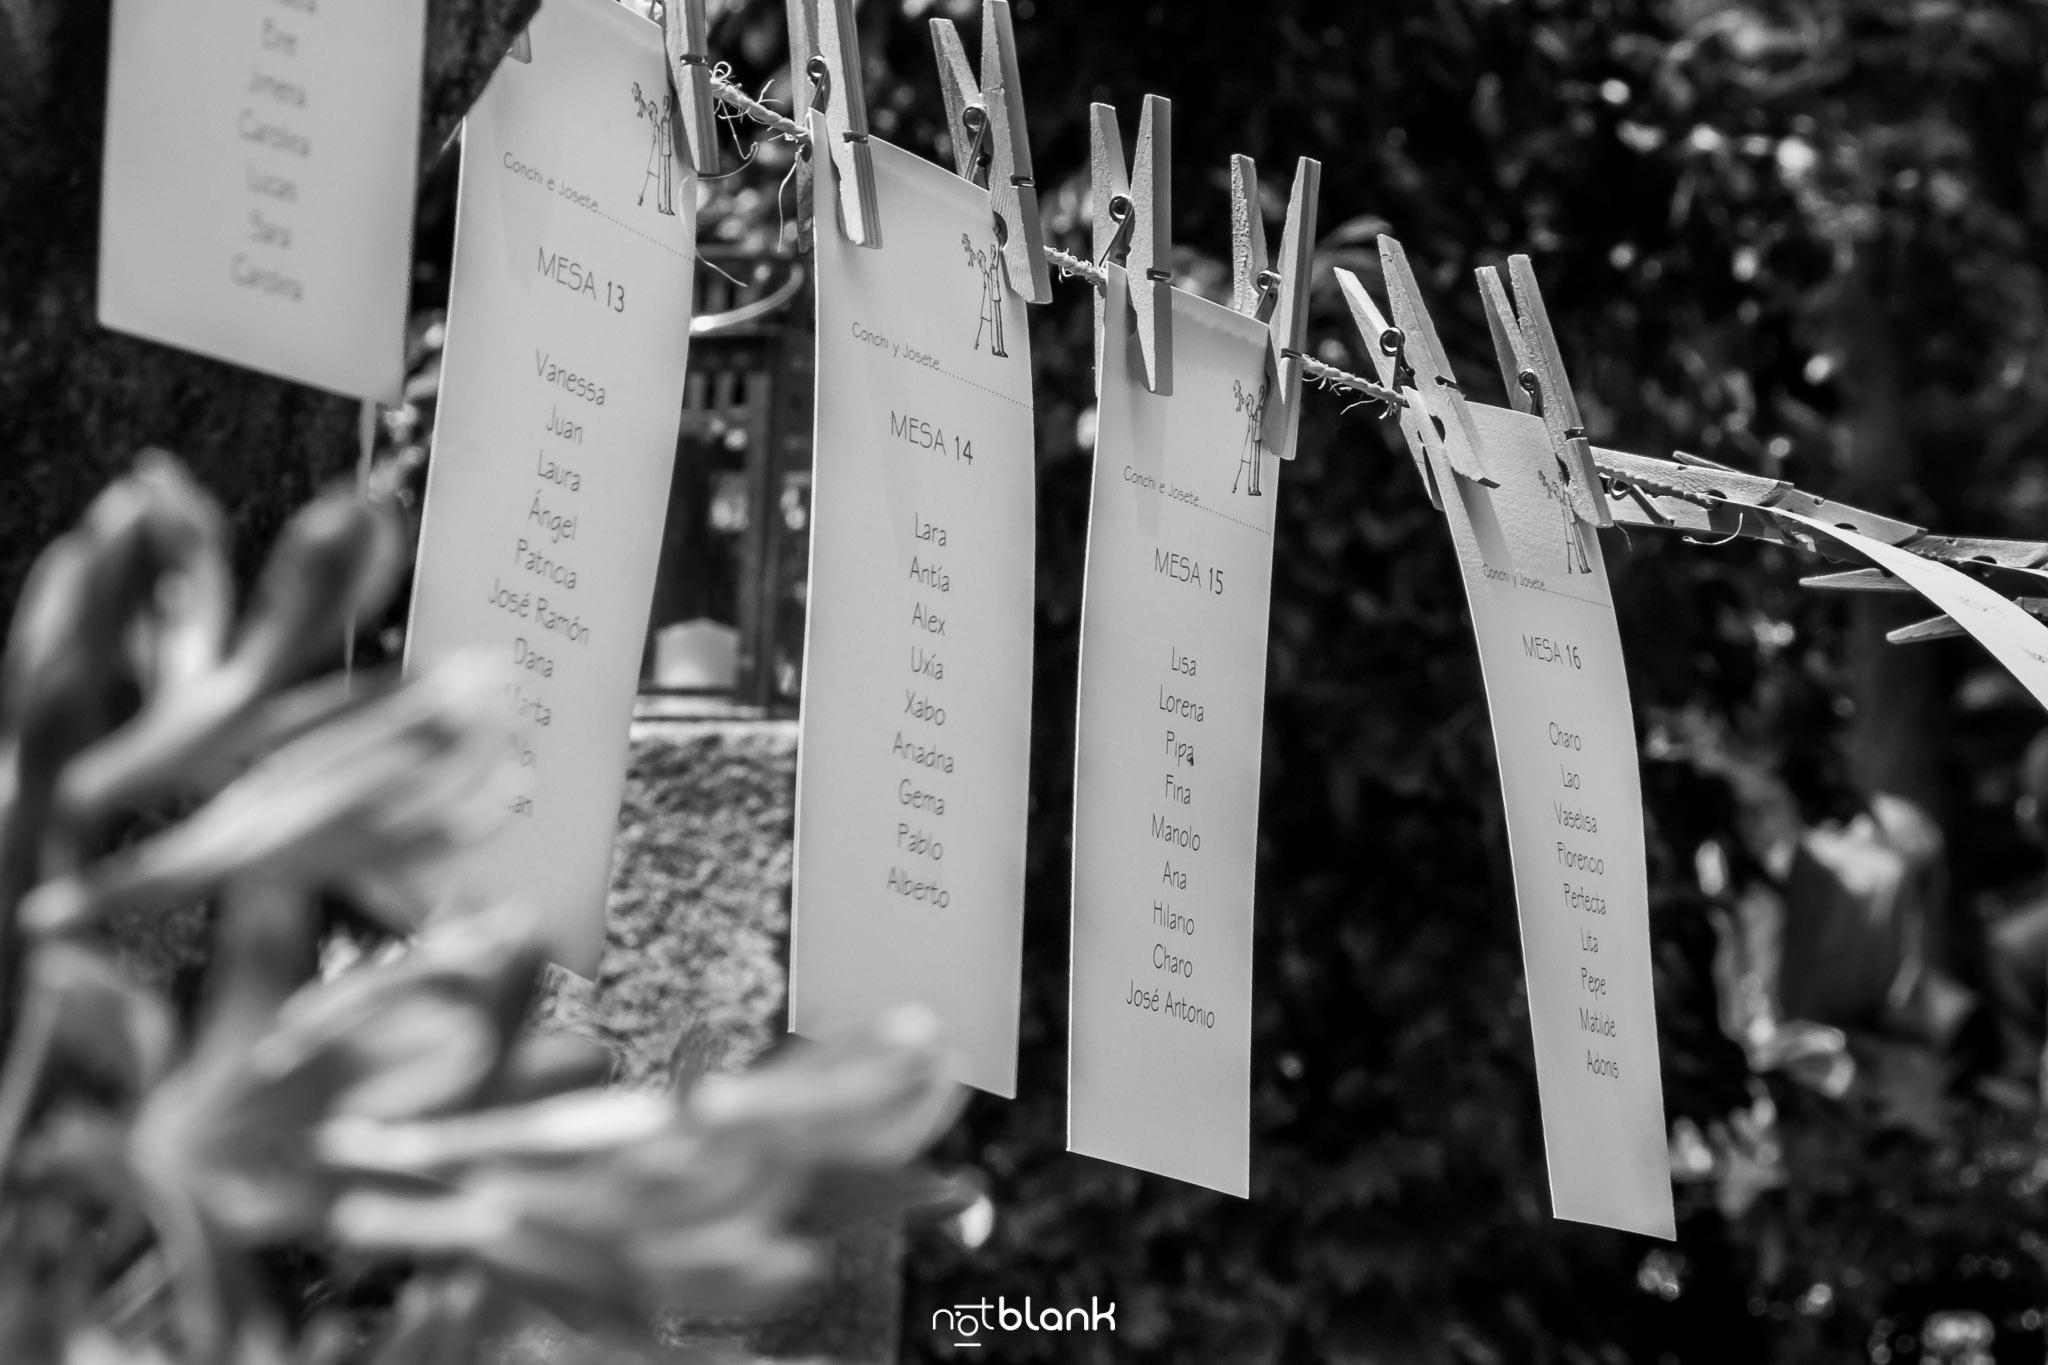 notblank-boda-Fotógrafo de boda-Pazo de Cea-Nigrán-Fiesta-Detalles-Planificación de mesa-Pinzas de madera